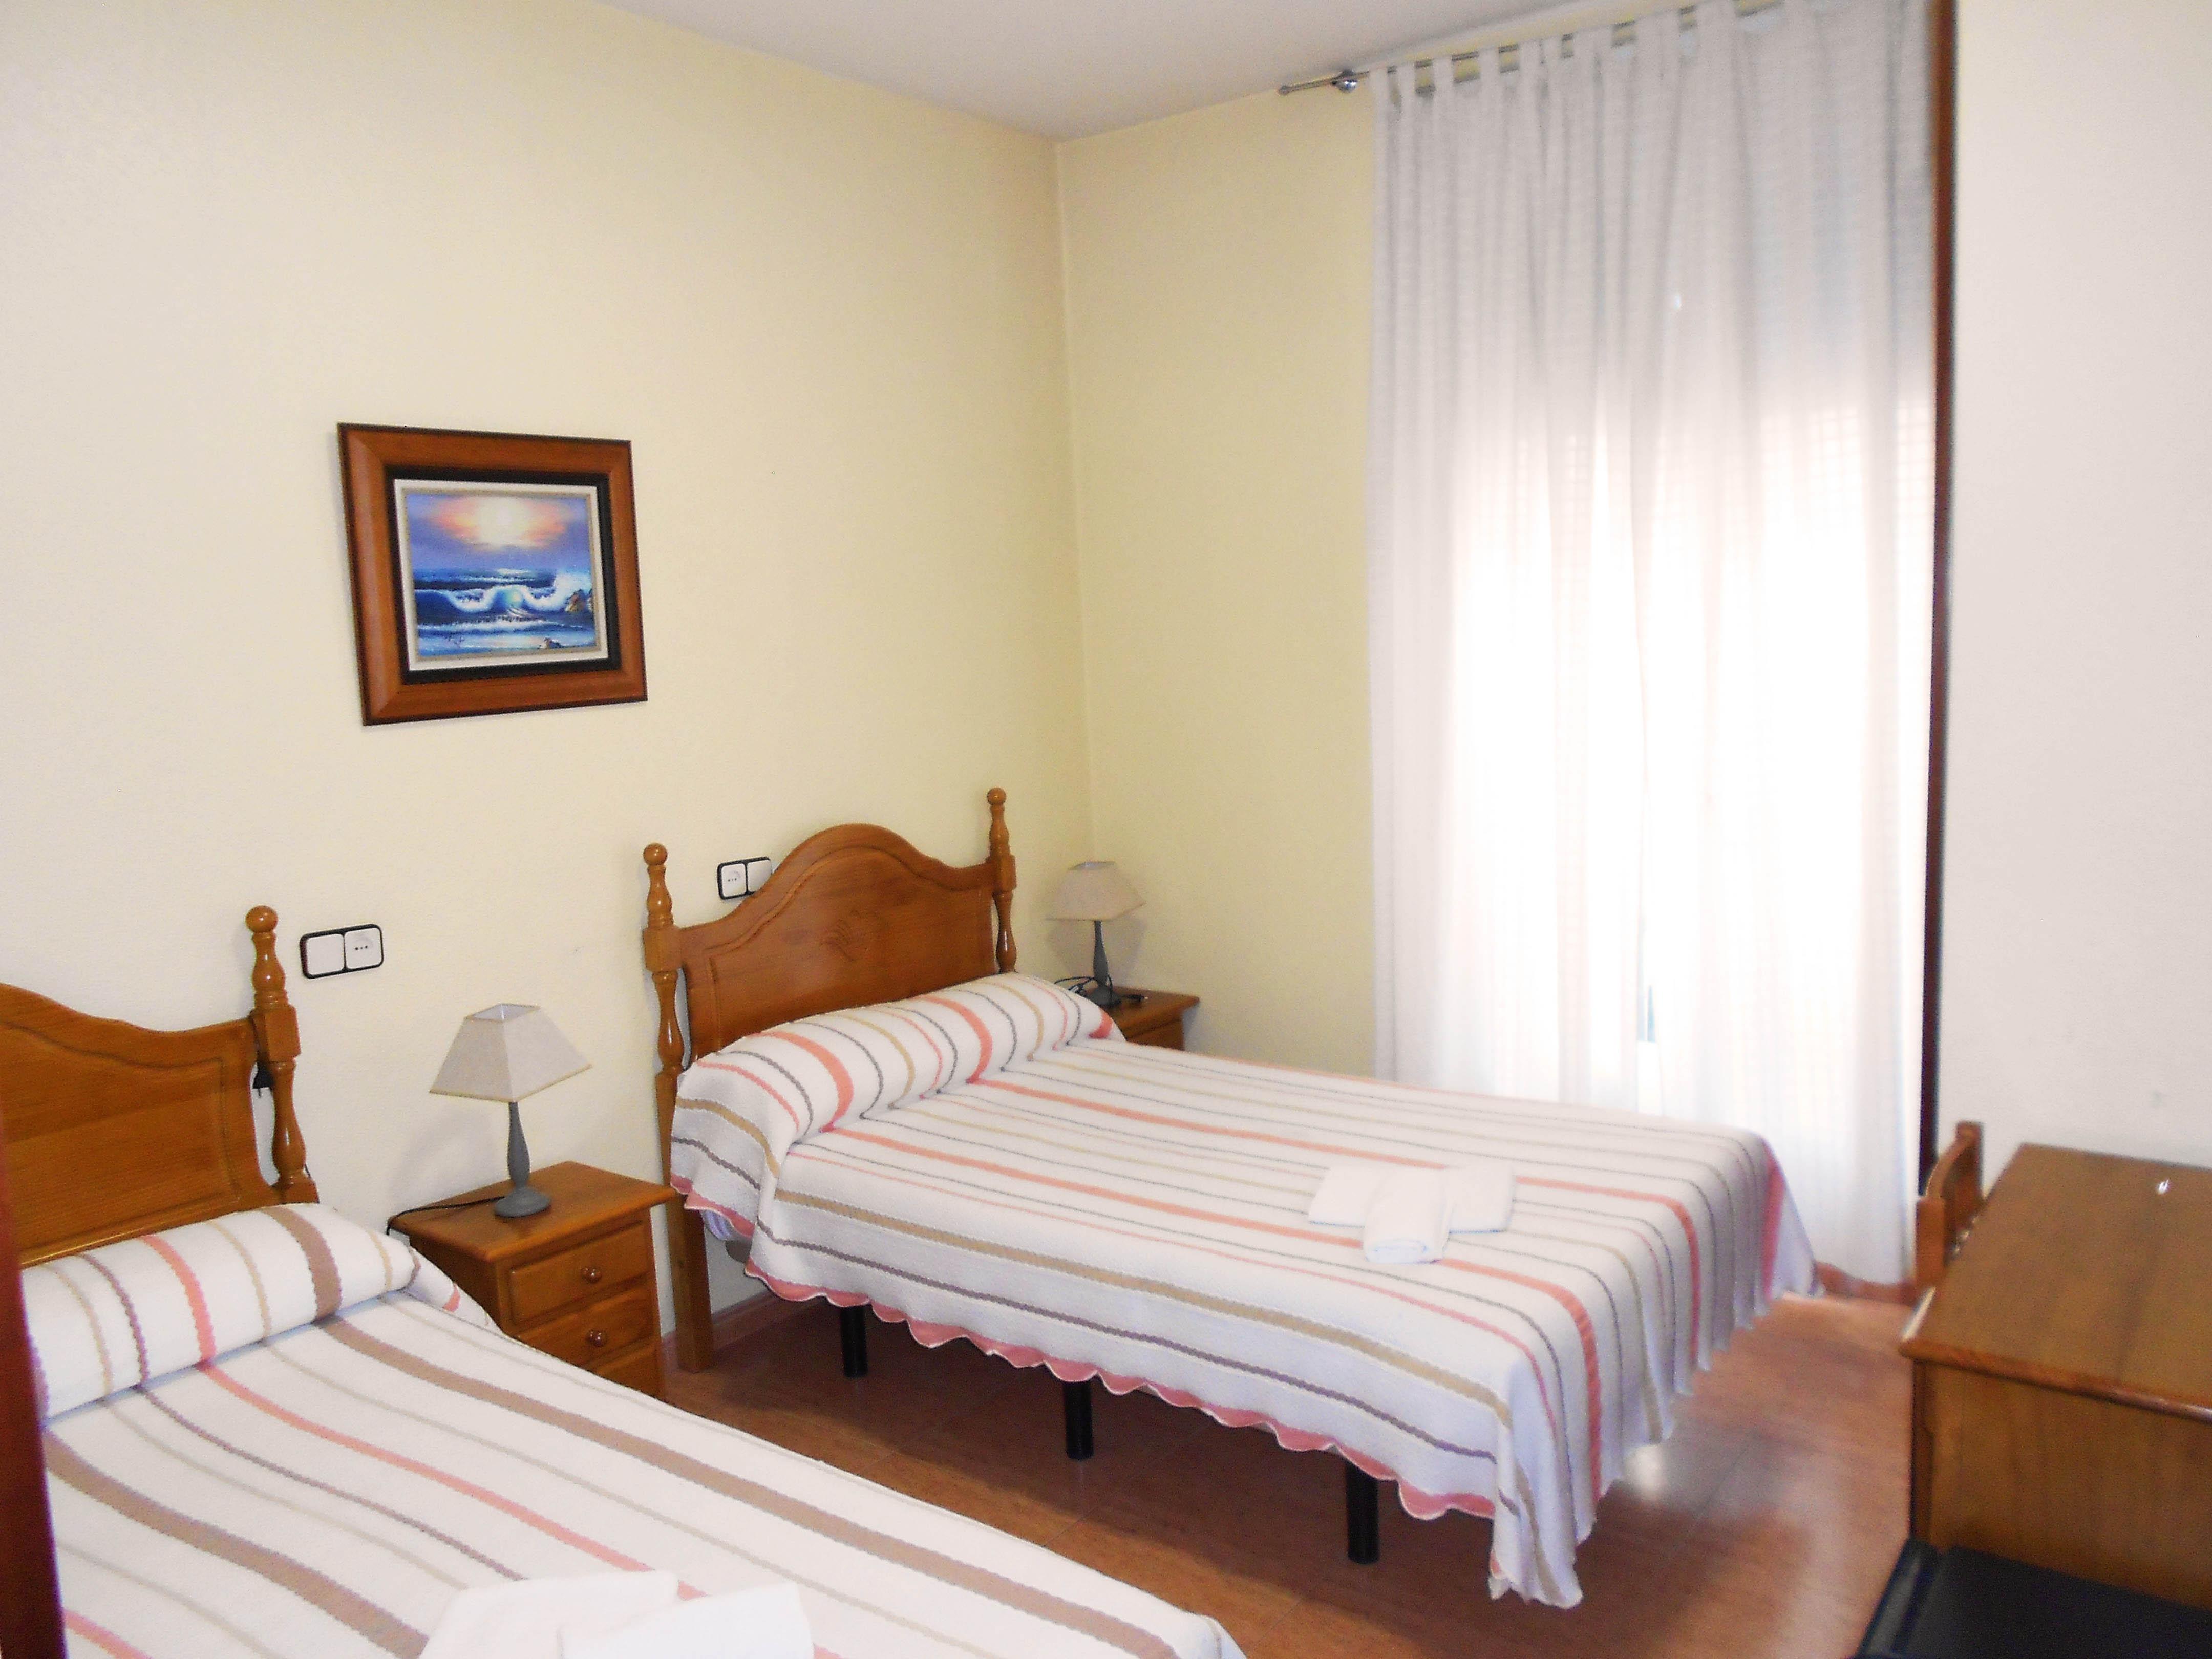 Hostal internacional habitaciones - Habitaciones con dos camas ...